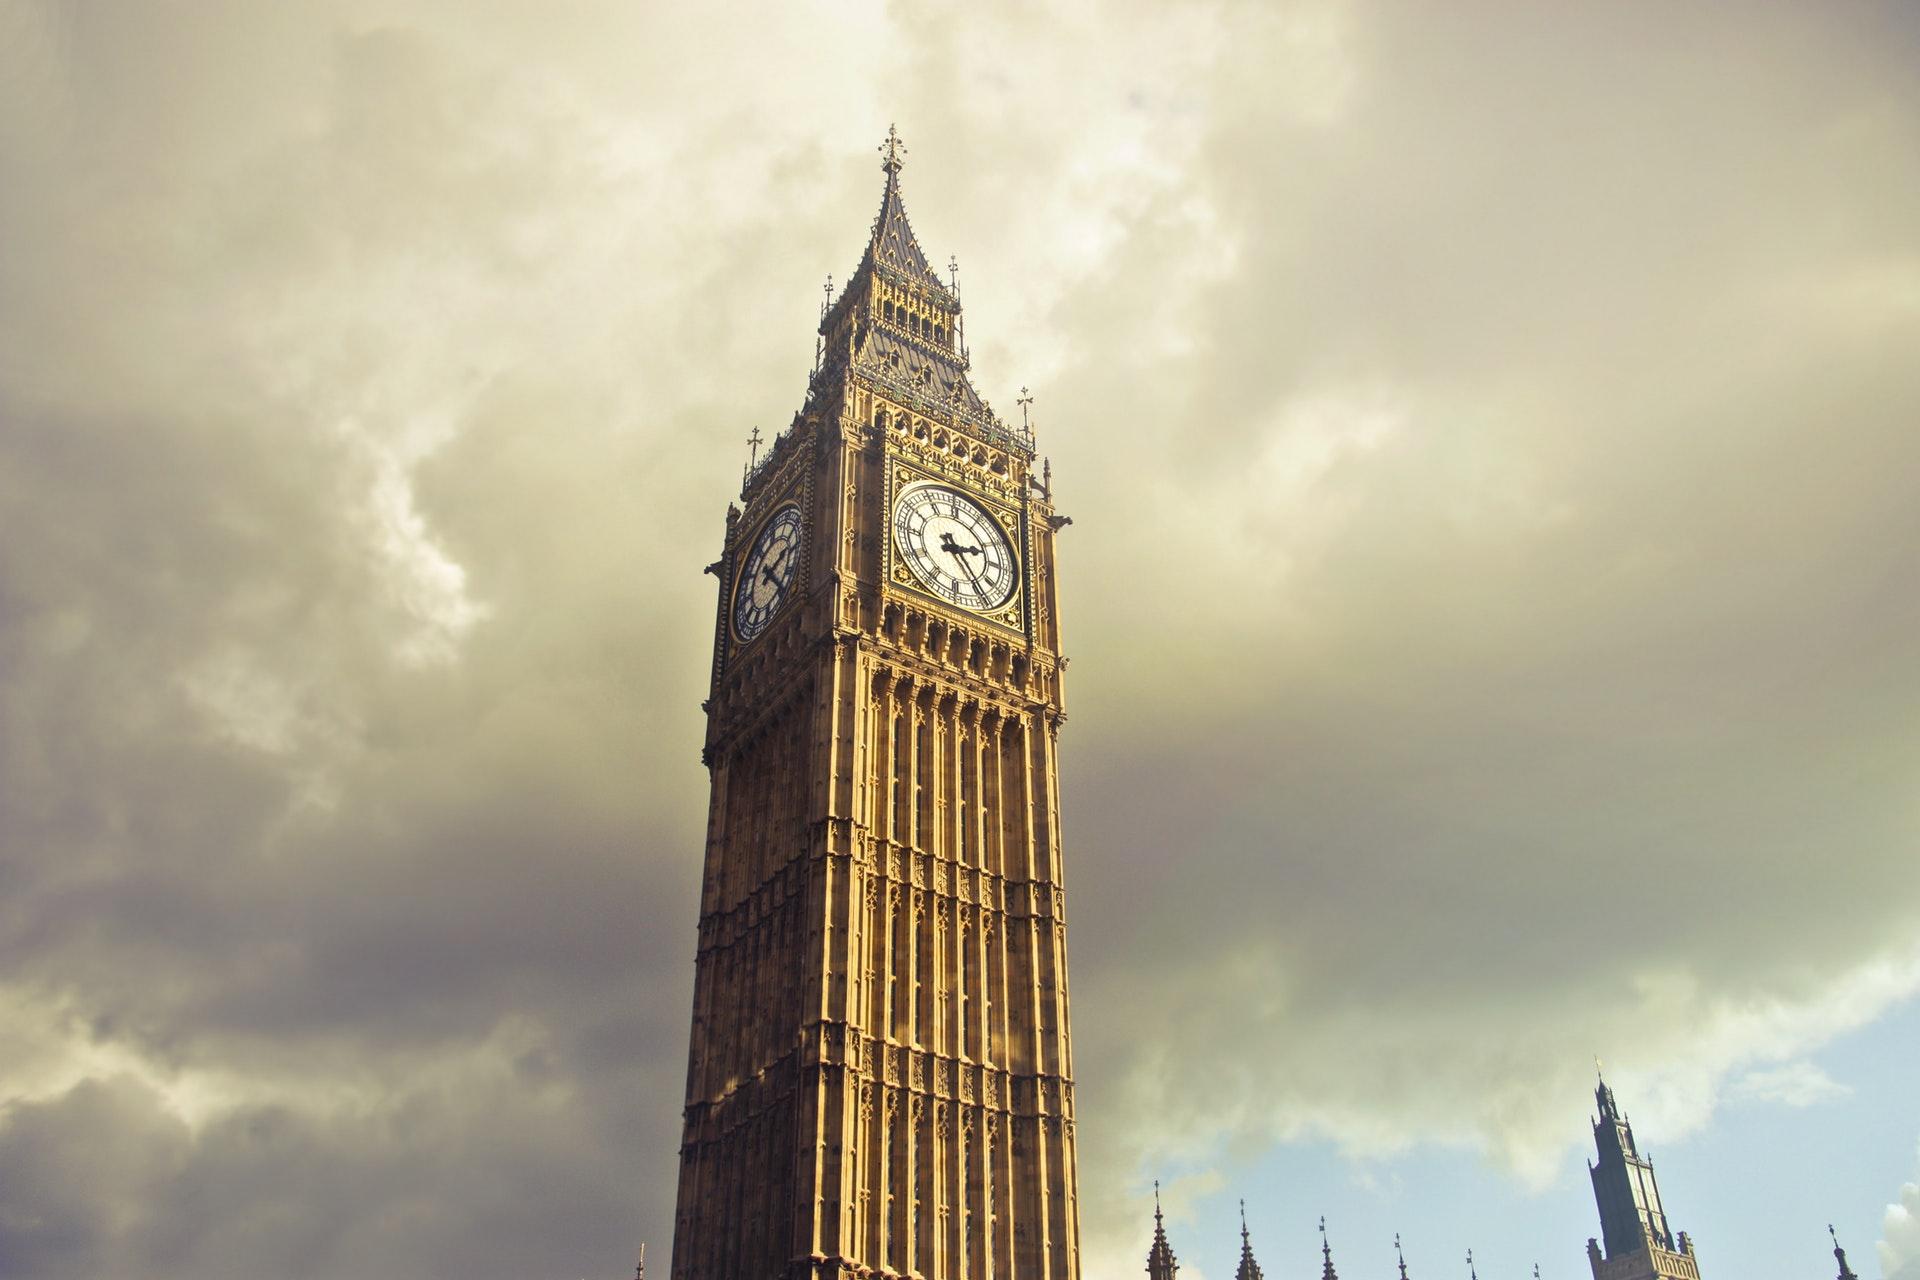 Bonne nouvelle pour Huawei, coup dur pour les USA : le Royaume-Uni ne veut pas bannir la firme